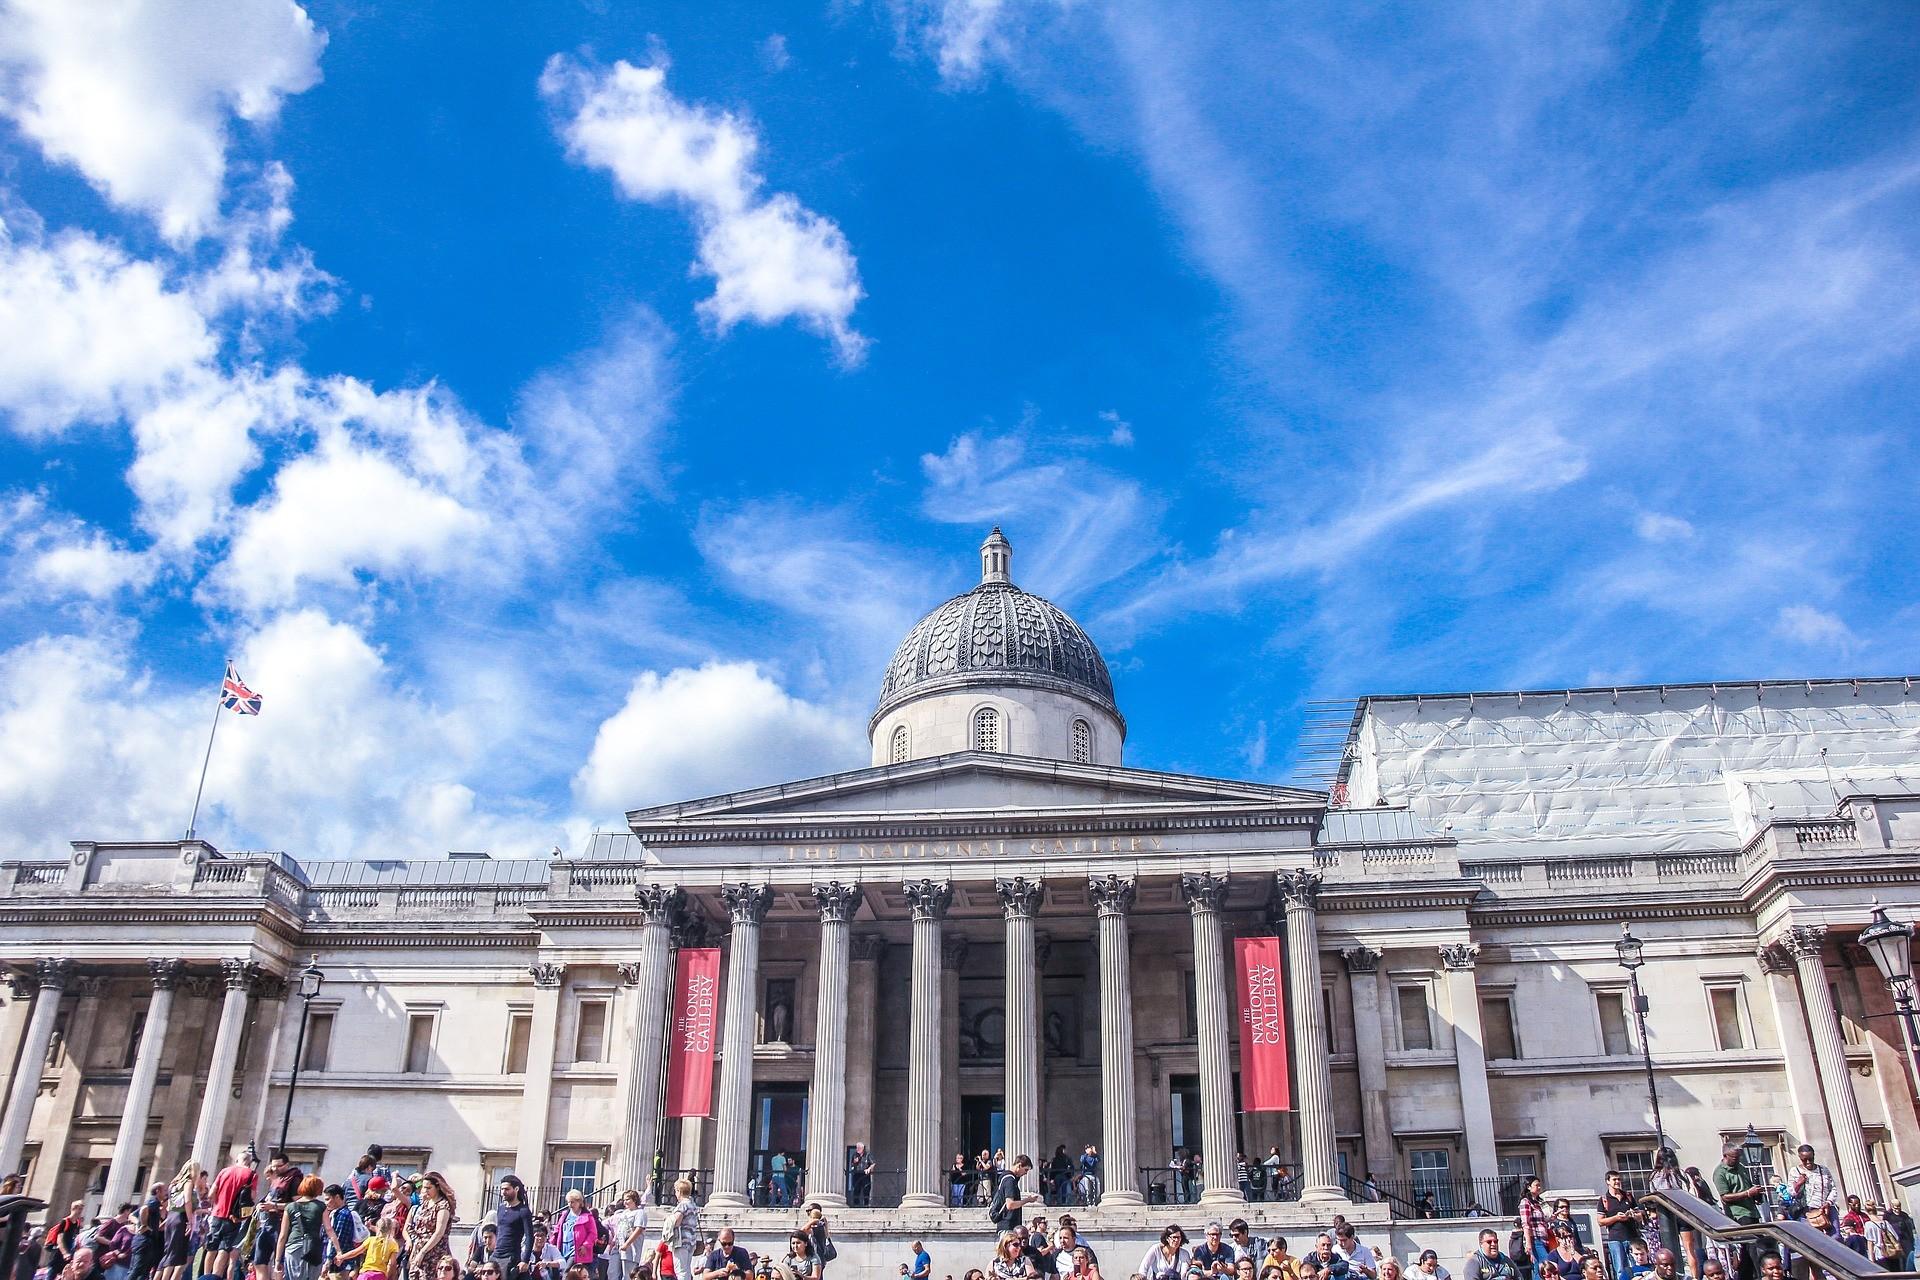 National Gallery Londra - Foto di Tims Talib